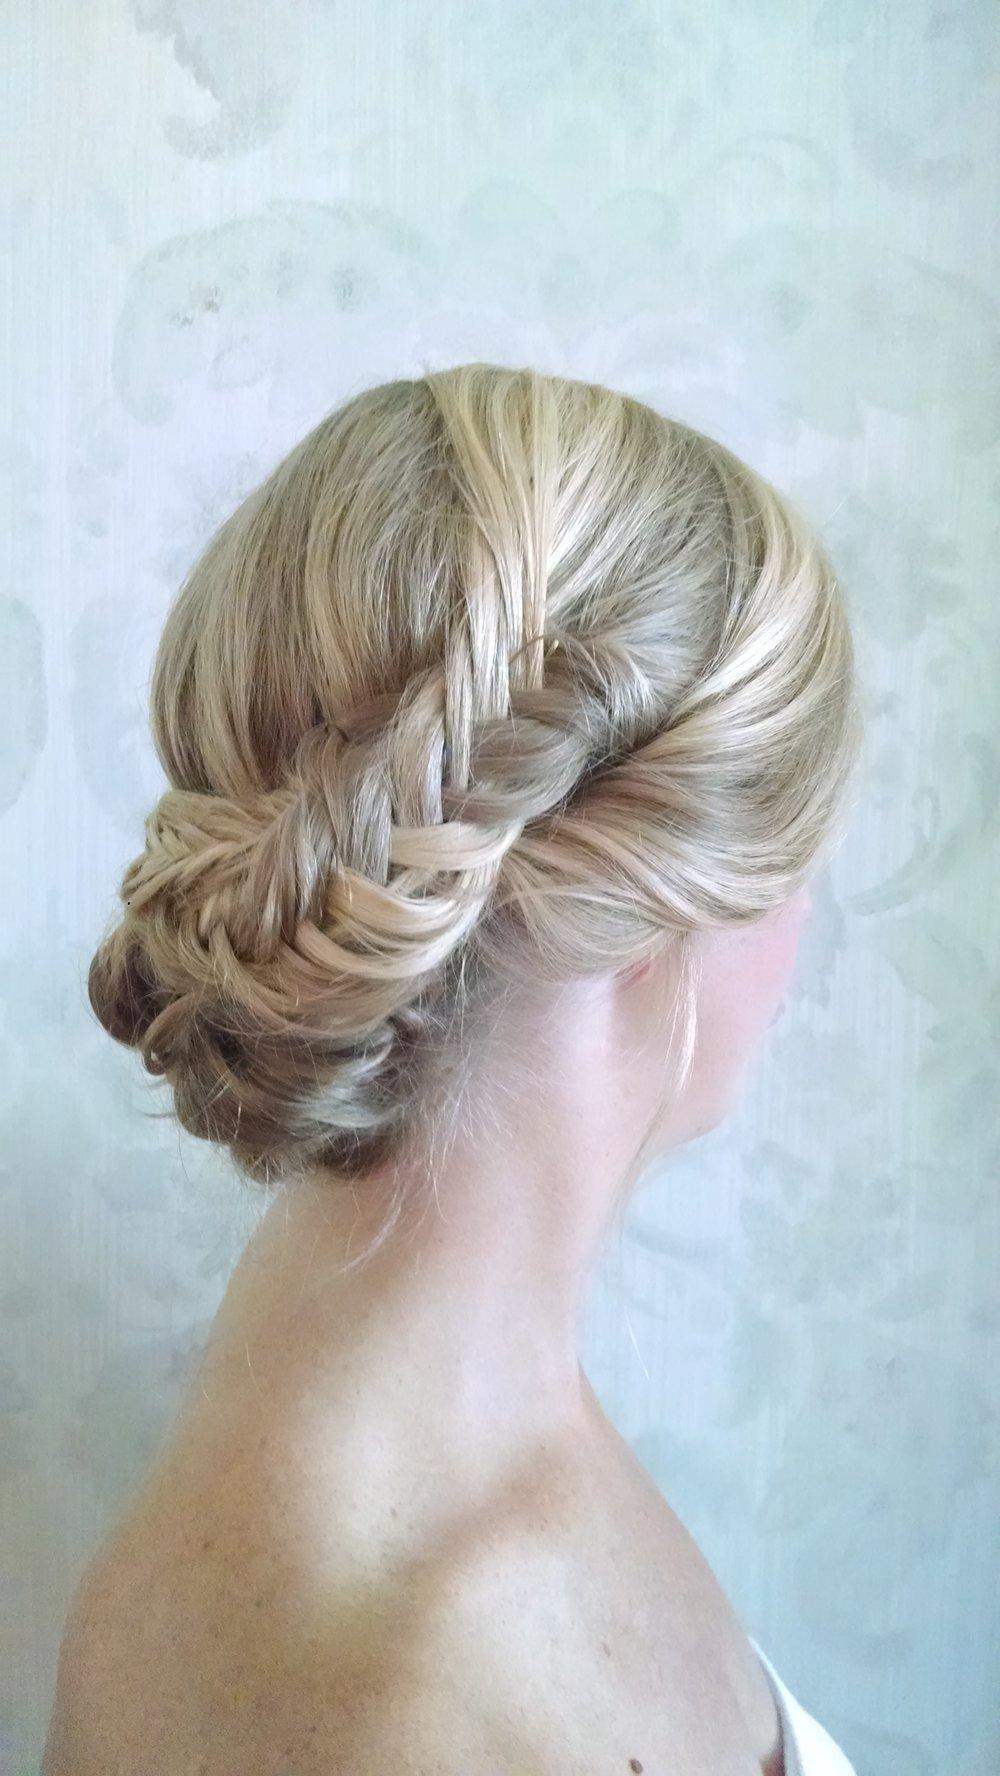 hair9 (1).jpg